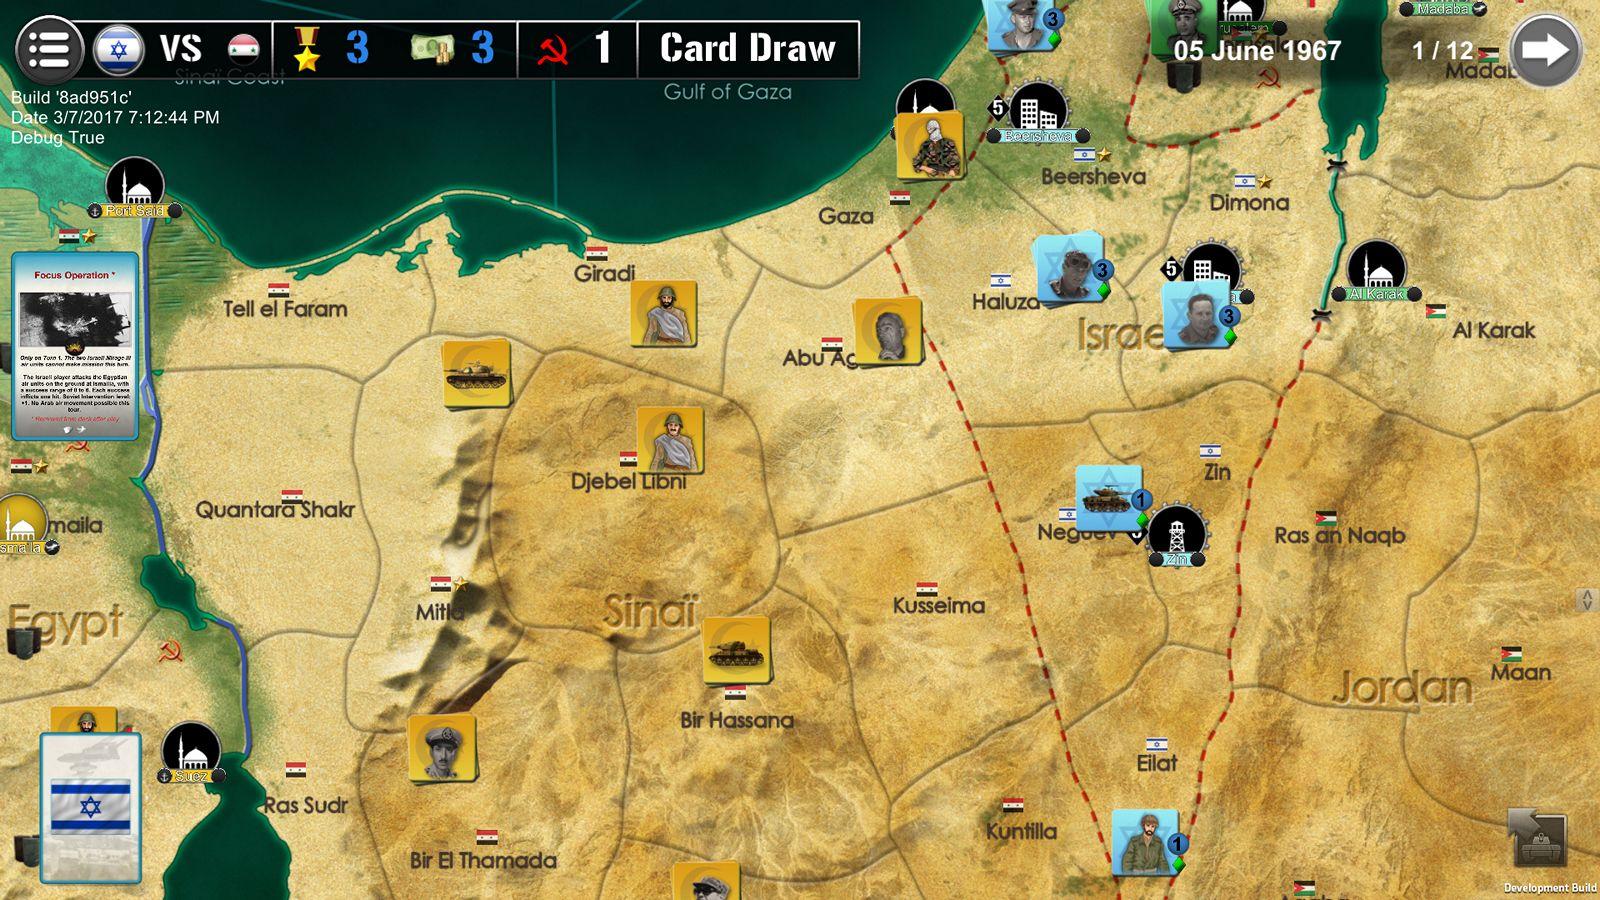 War Across the World Wars-across-the-world-0317-SixDays1967_Map_Screen3